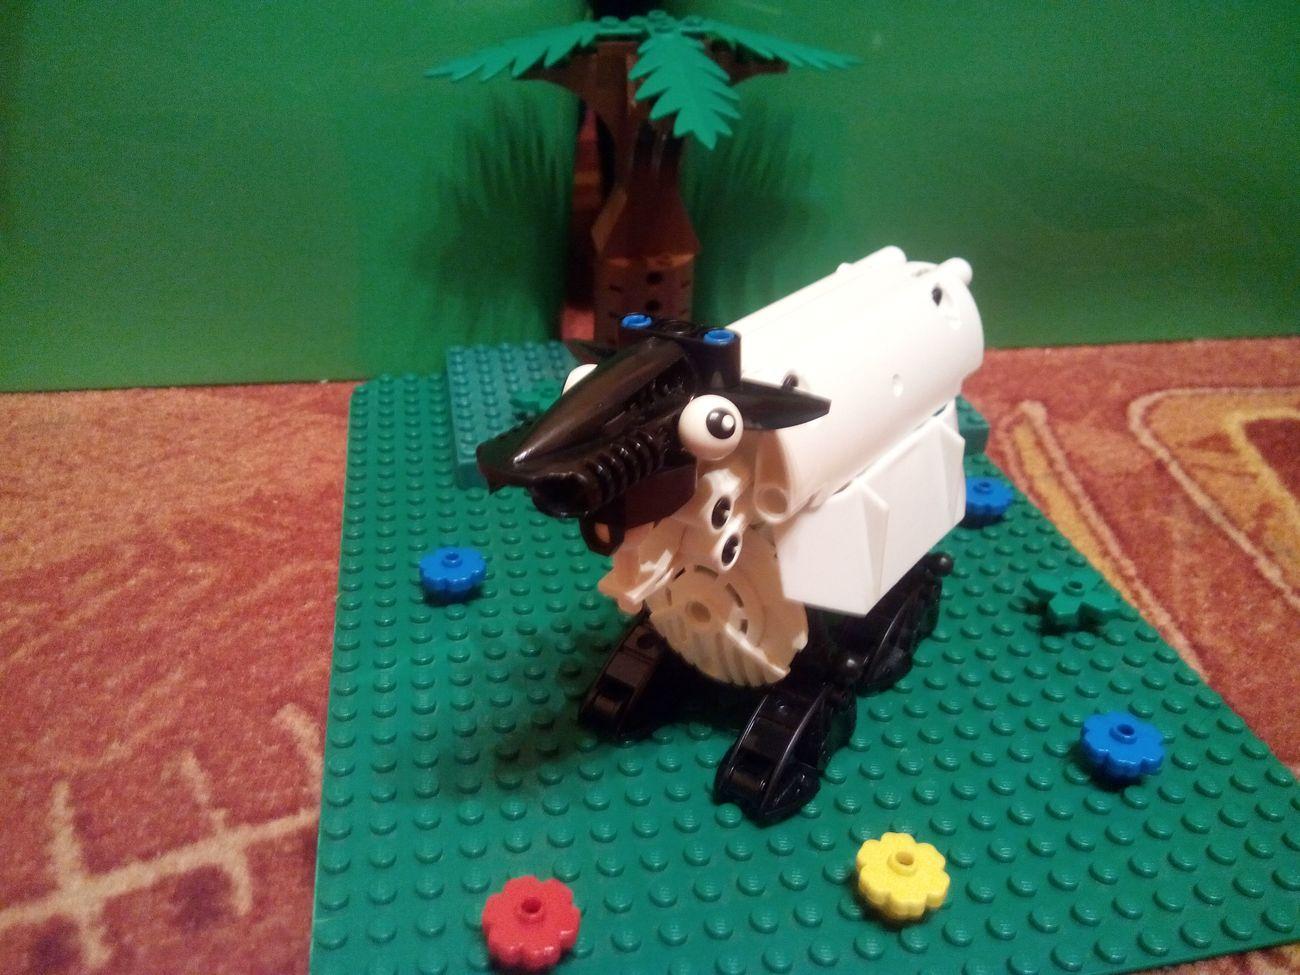 Concurs Paste Fericit: Creatia 5 – Do Master Builders Dream of Technic Sheep?